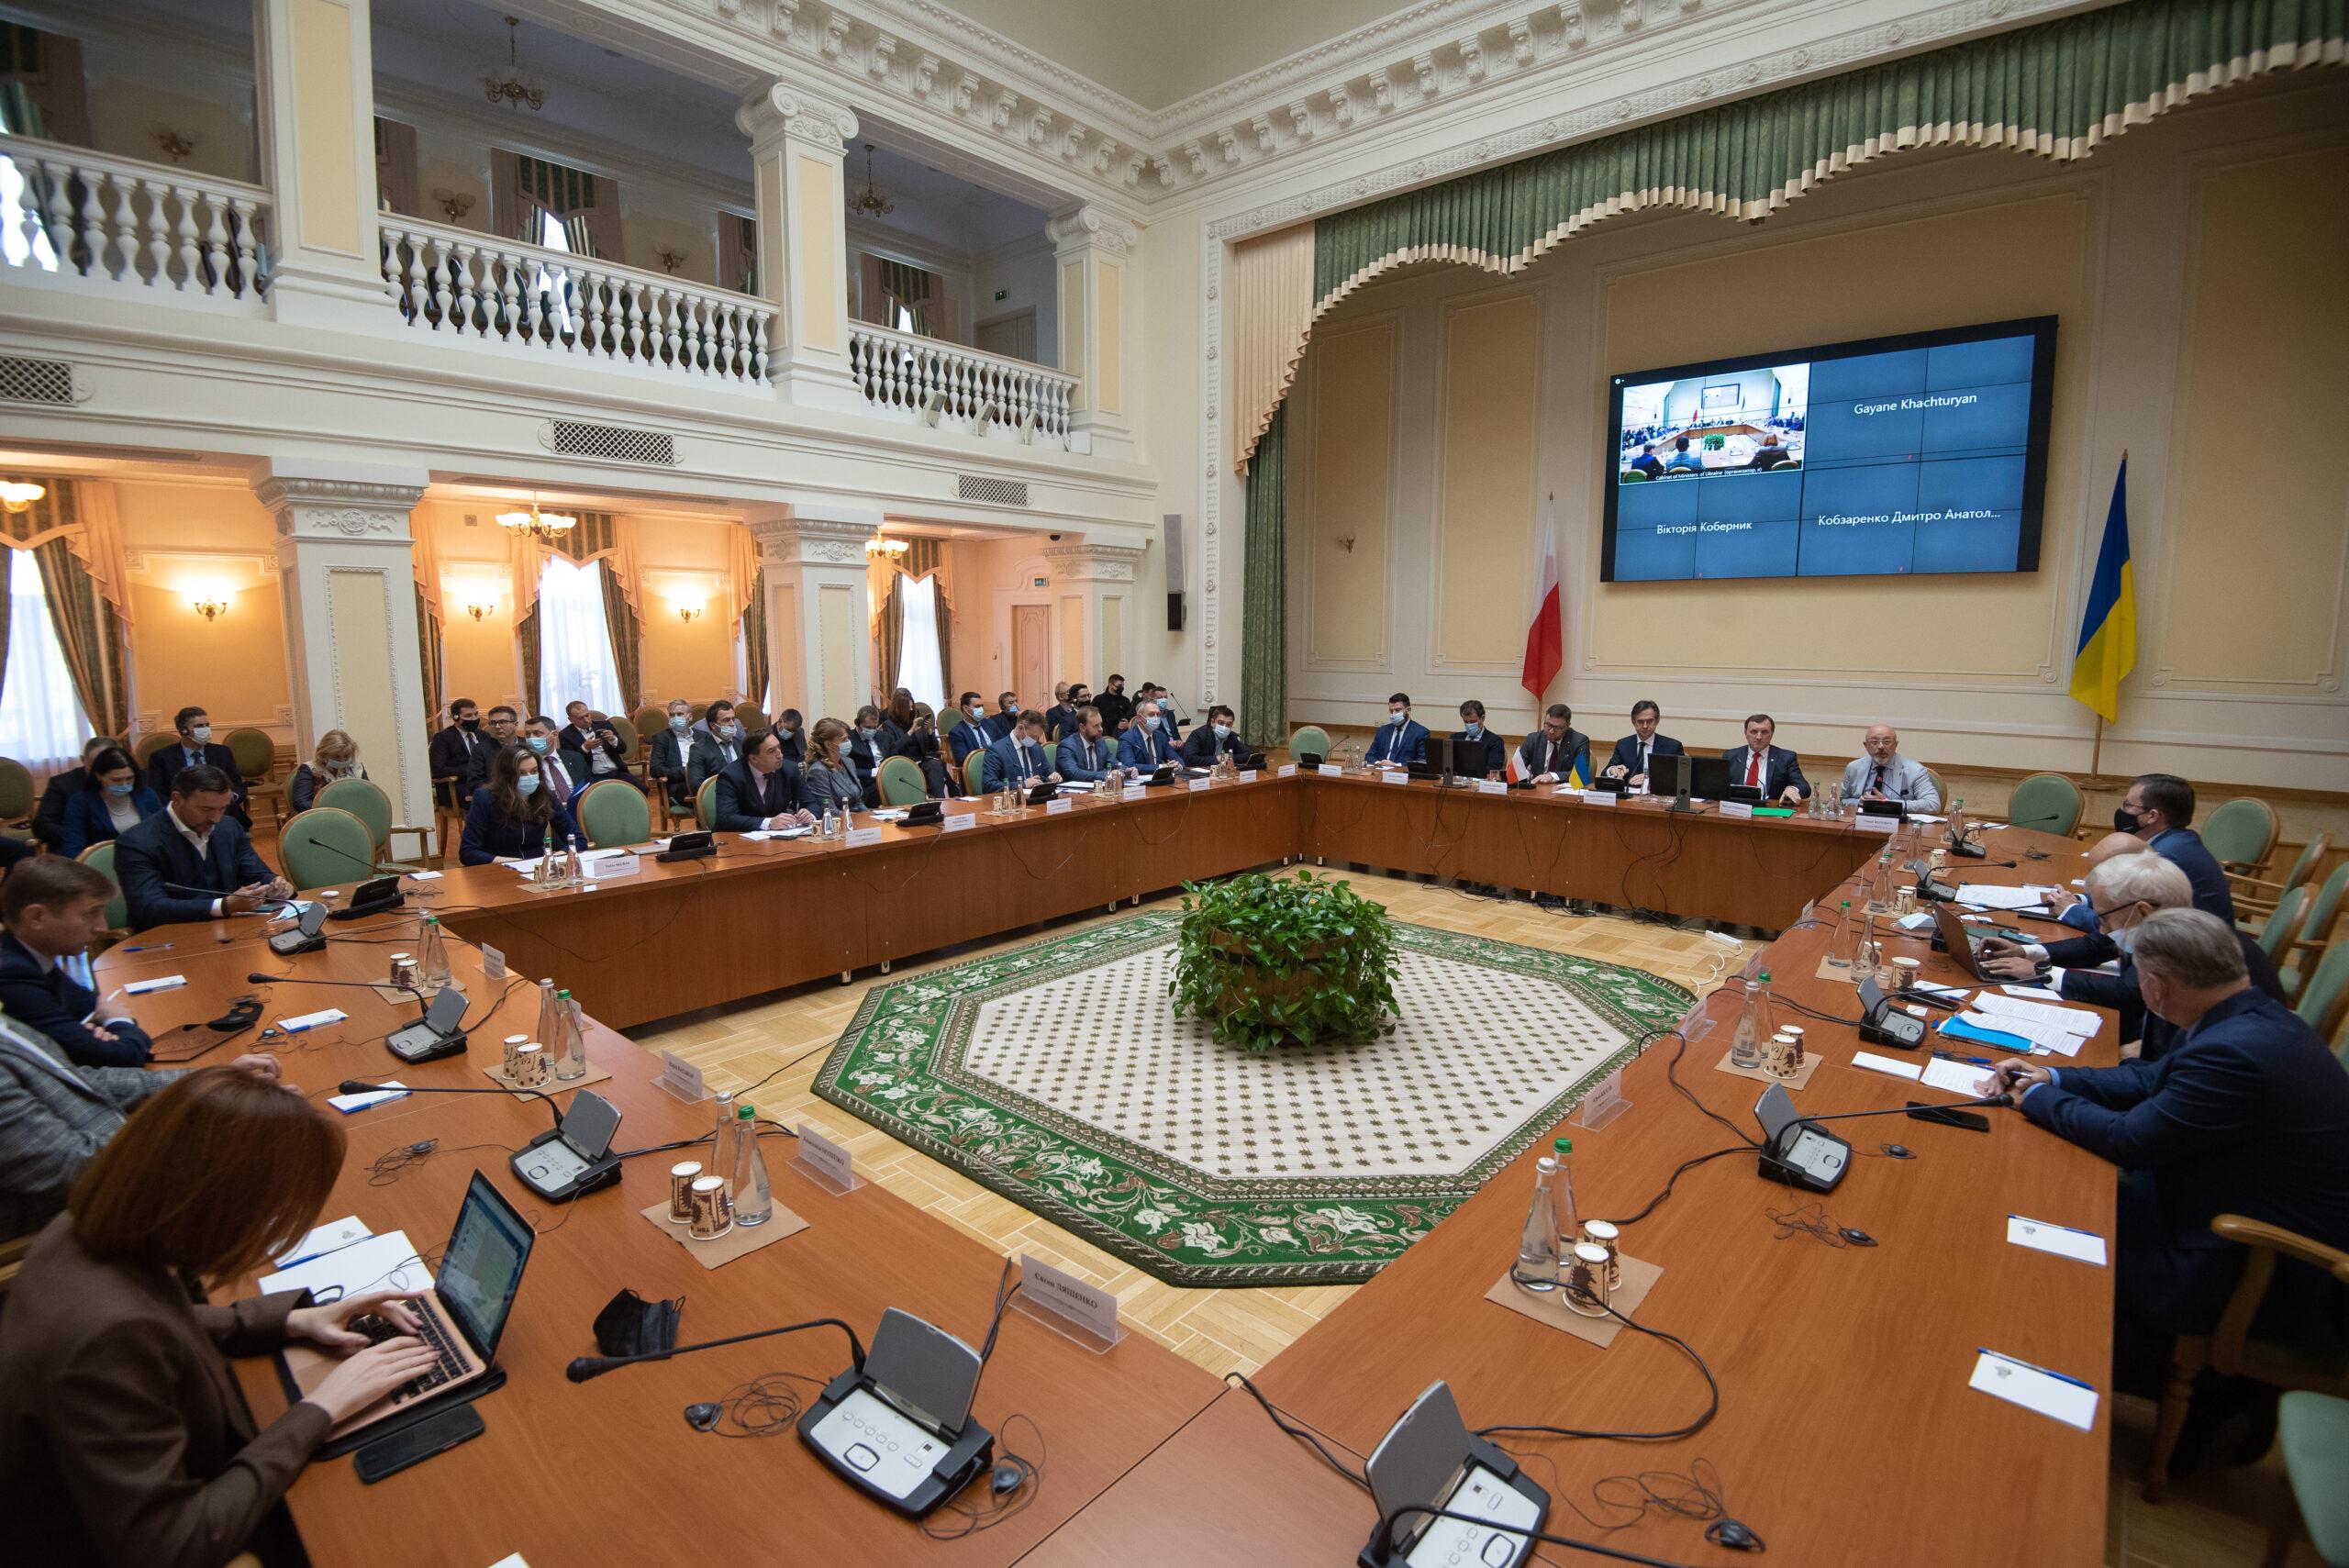 Диалогу быть: состоялась масштабная встреча Первого вице-премьер-министра Украины – Министра экономики Украины Алексея Любченка с представителями польских и украинских инвесторов